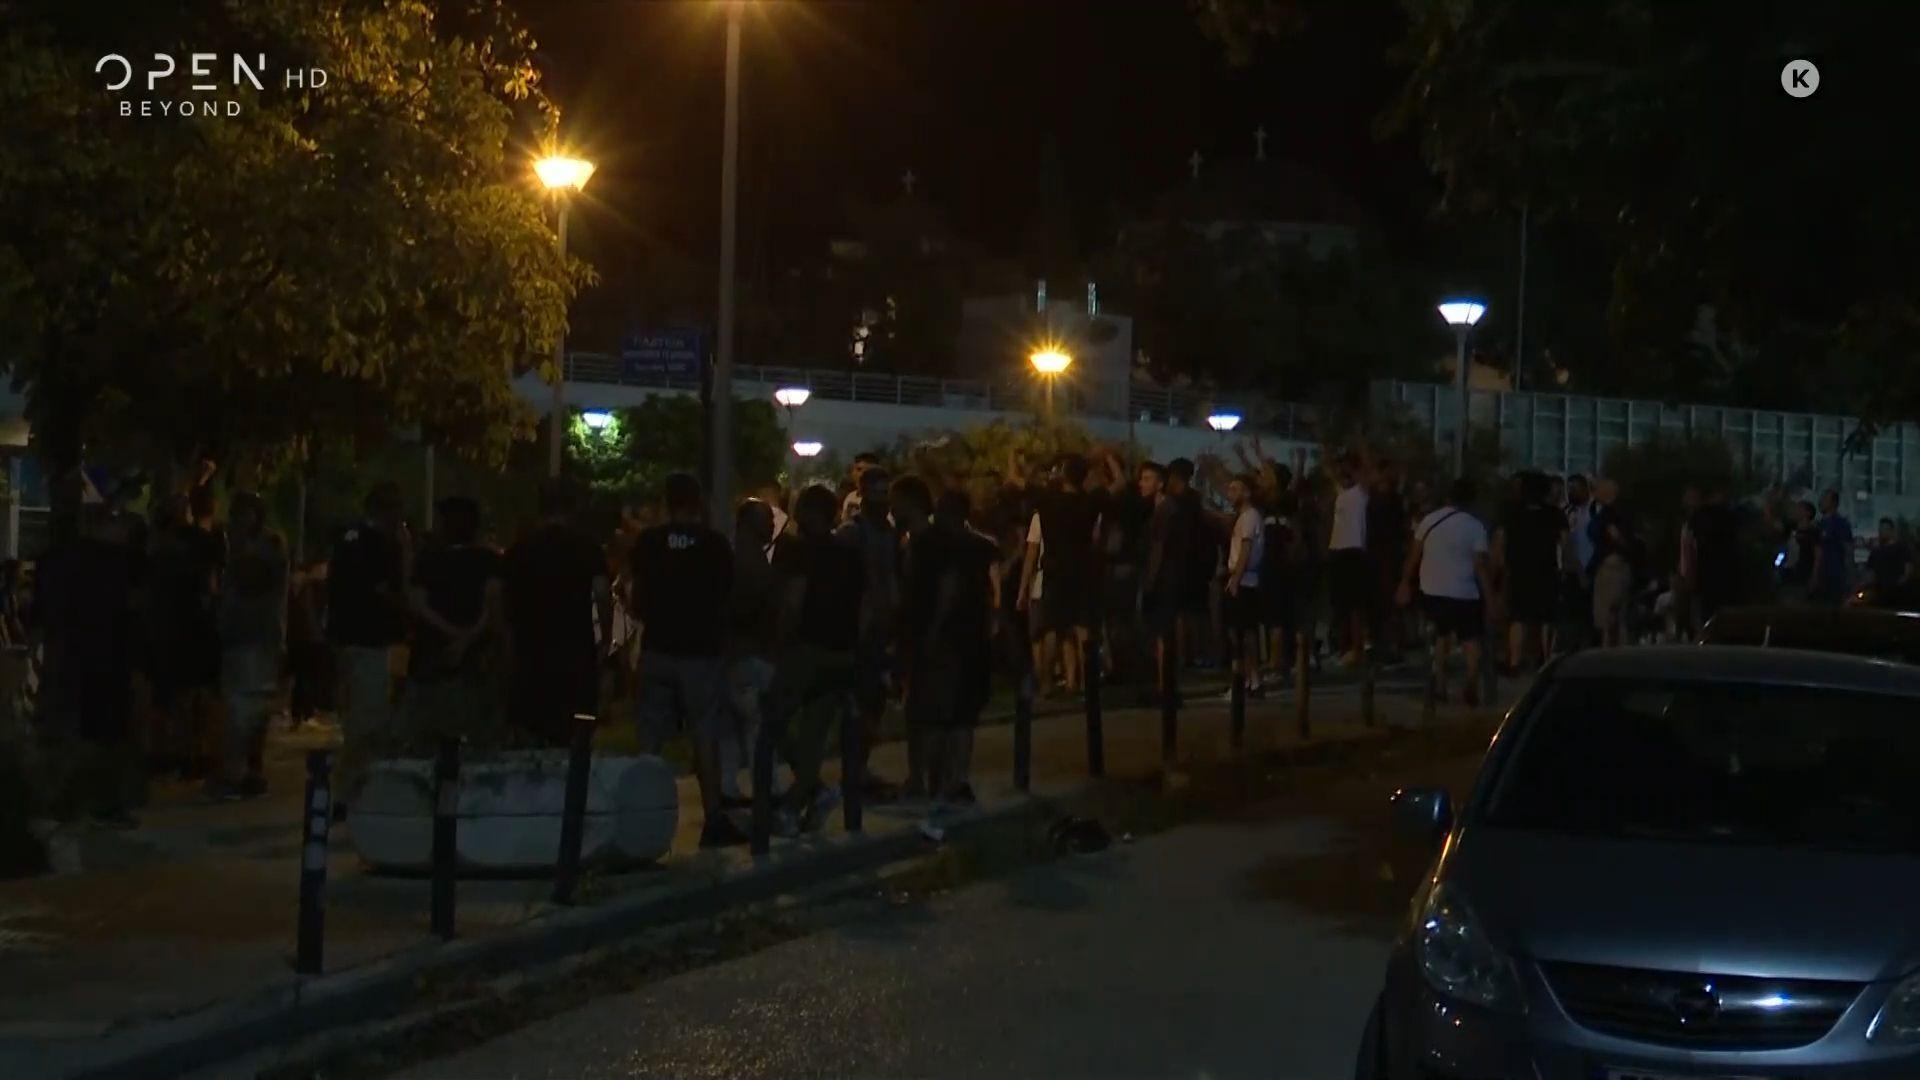 ΠΑΟΚ – Μπενφίκα: Πανηγυρισμοί οπαδών έξω από την Τούμπα (video)